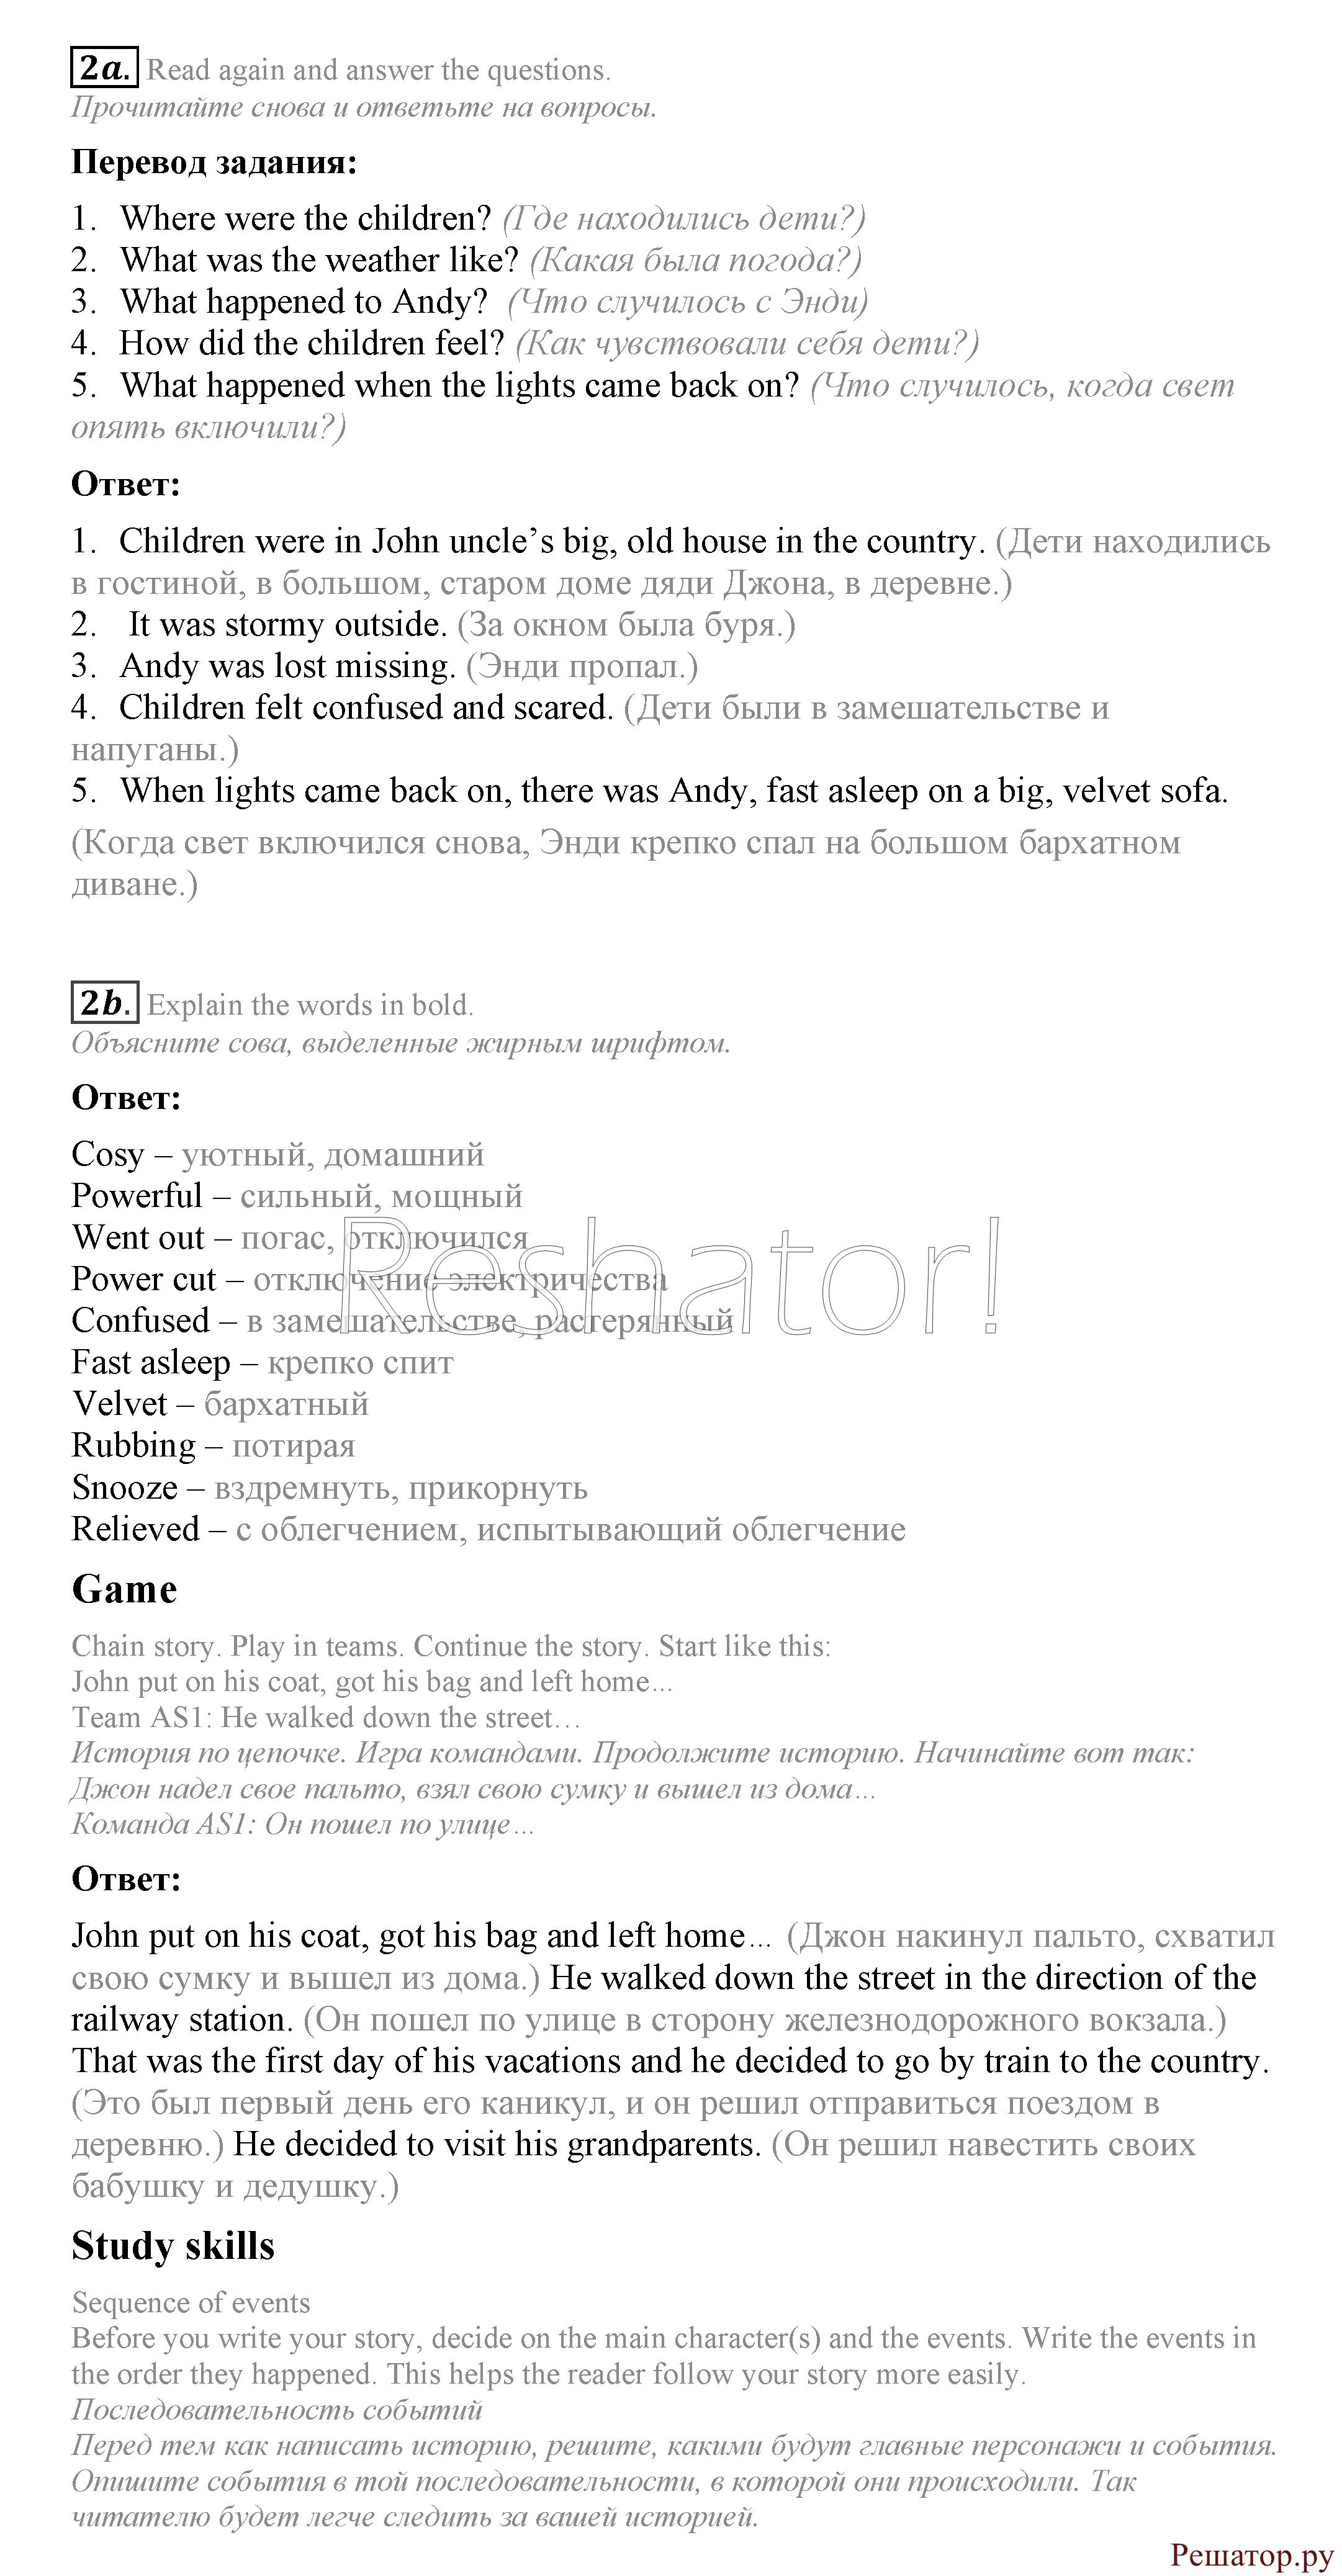 starlight 7 класс гдз учебник